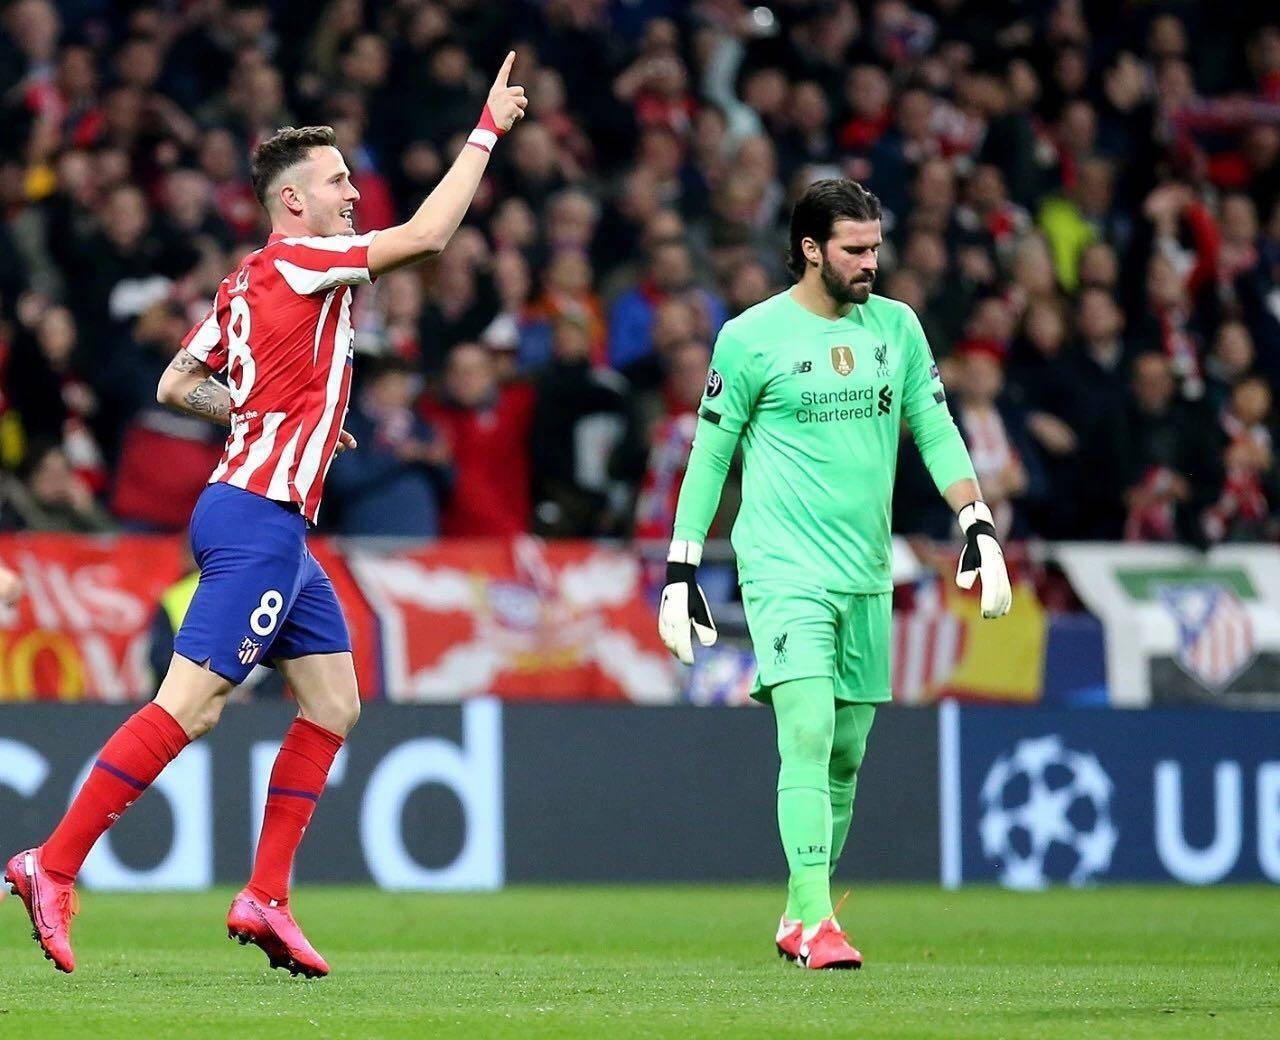 原创             德国最强中锋找回射门靴,助蓝军重返前四,利物浦放弃他后悔了吗